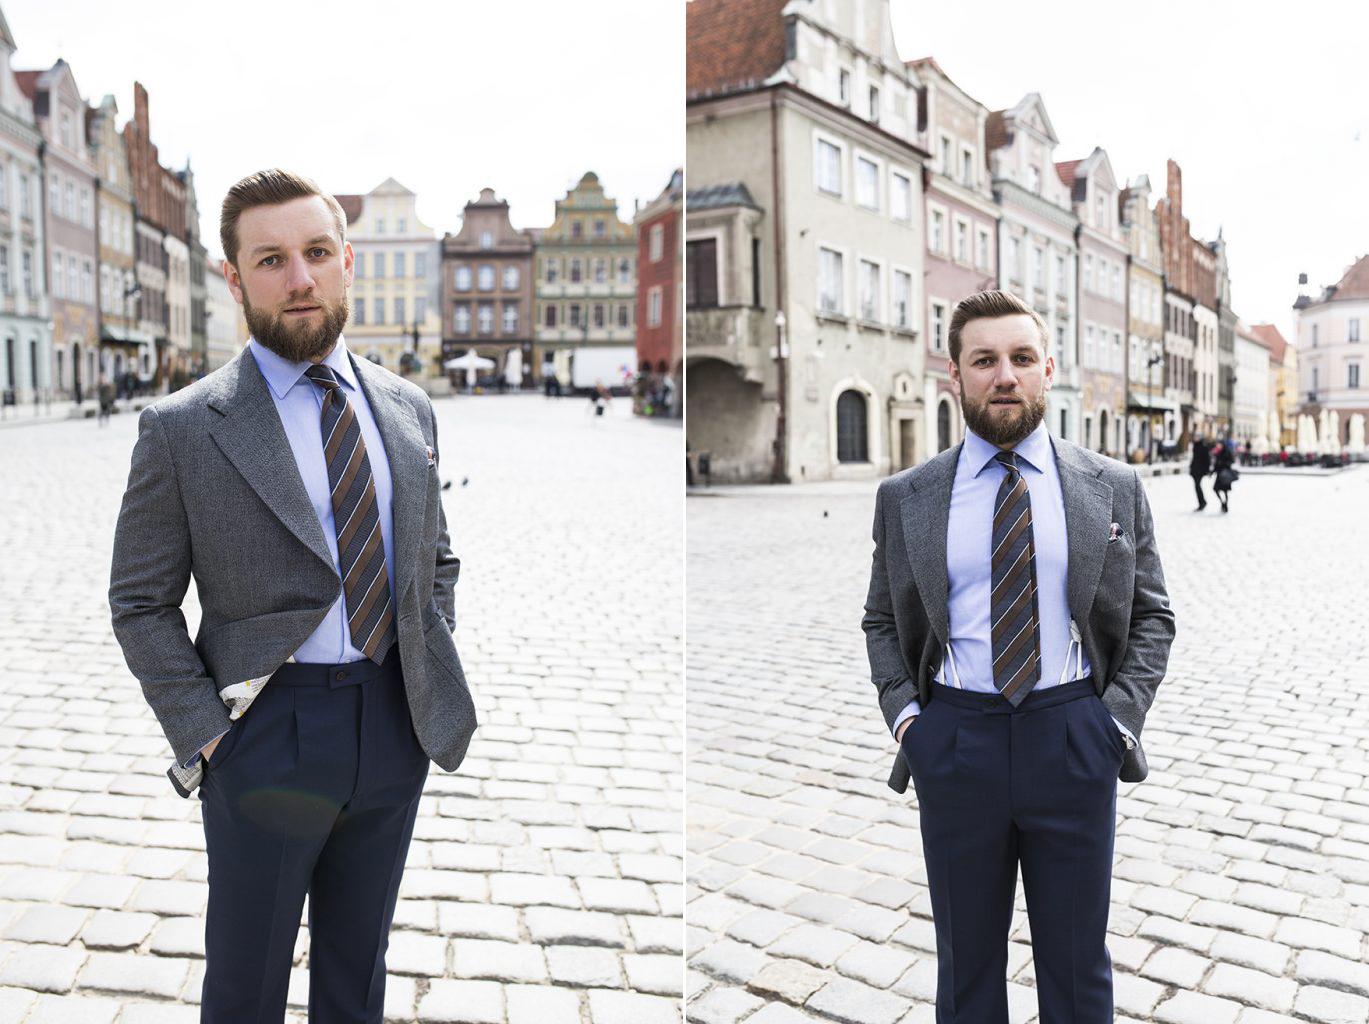 spodnie-na-szelki-zestaw-koordynowany-blekitna-koszula-miler-menswear(16)